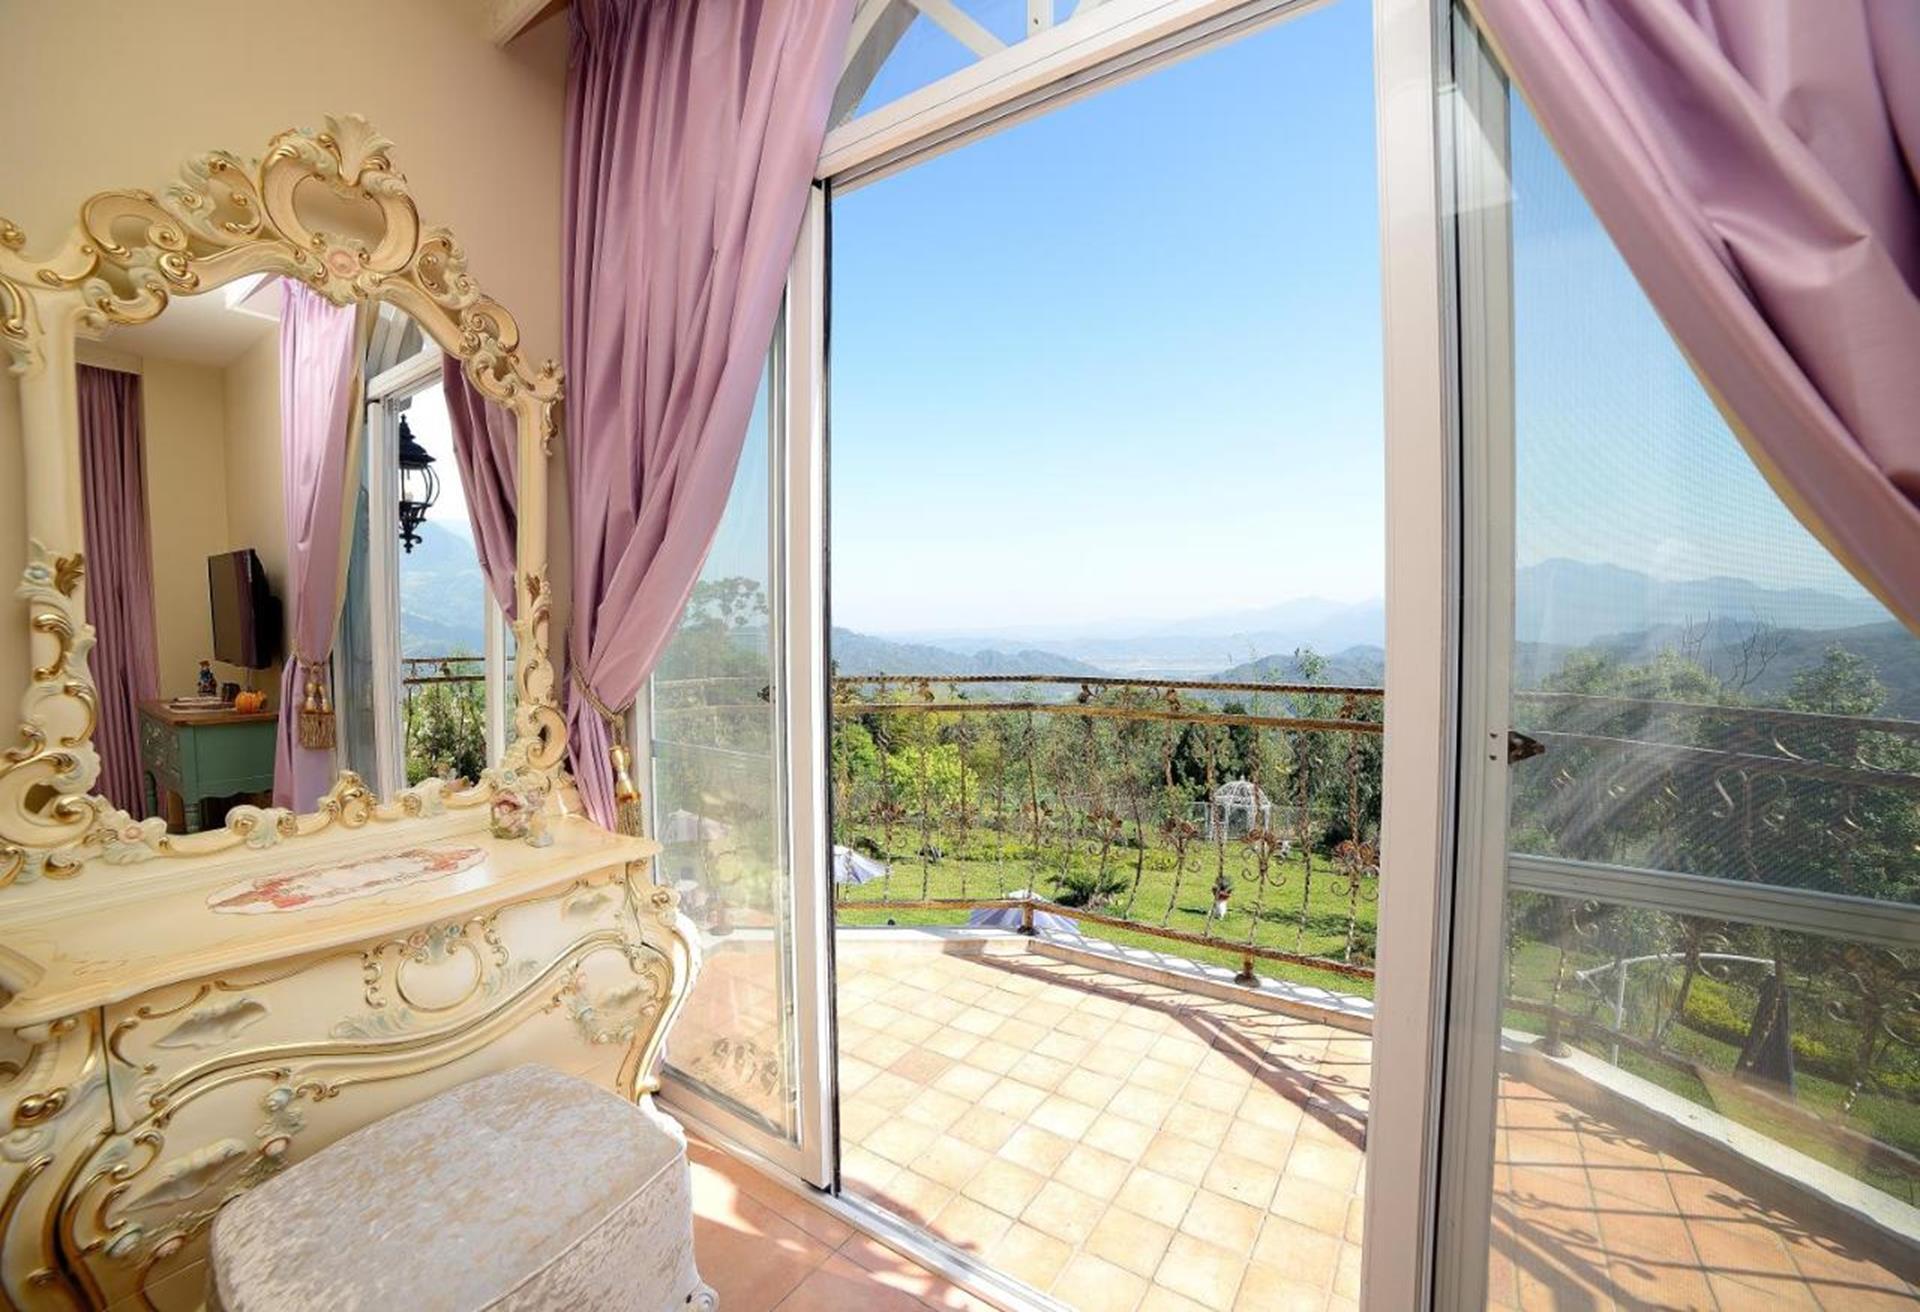 溪頭渡假飯店推薦 - 維多麗亞玫瑰莊園房間露台